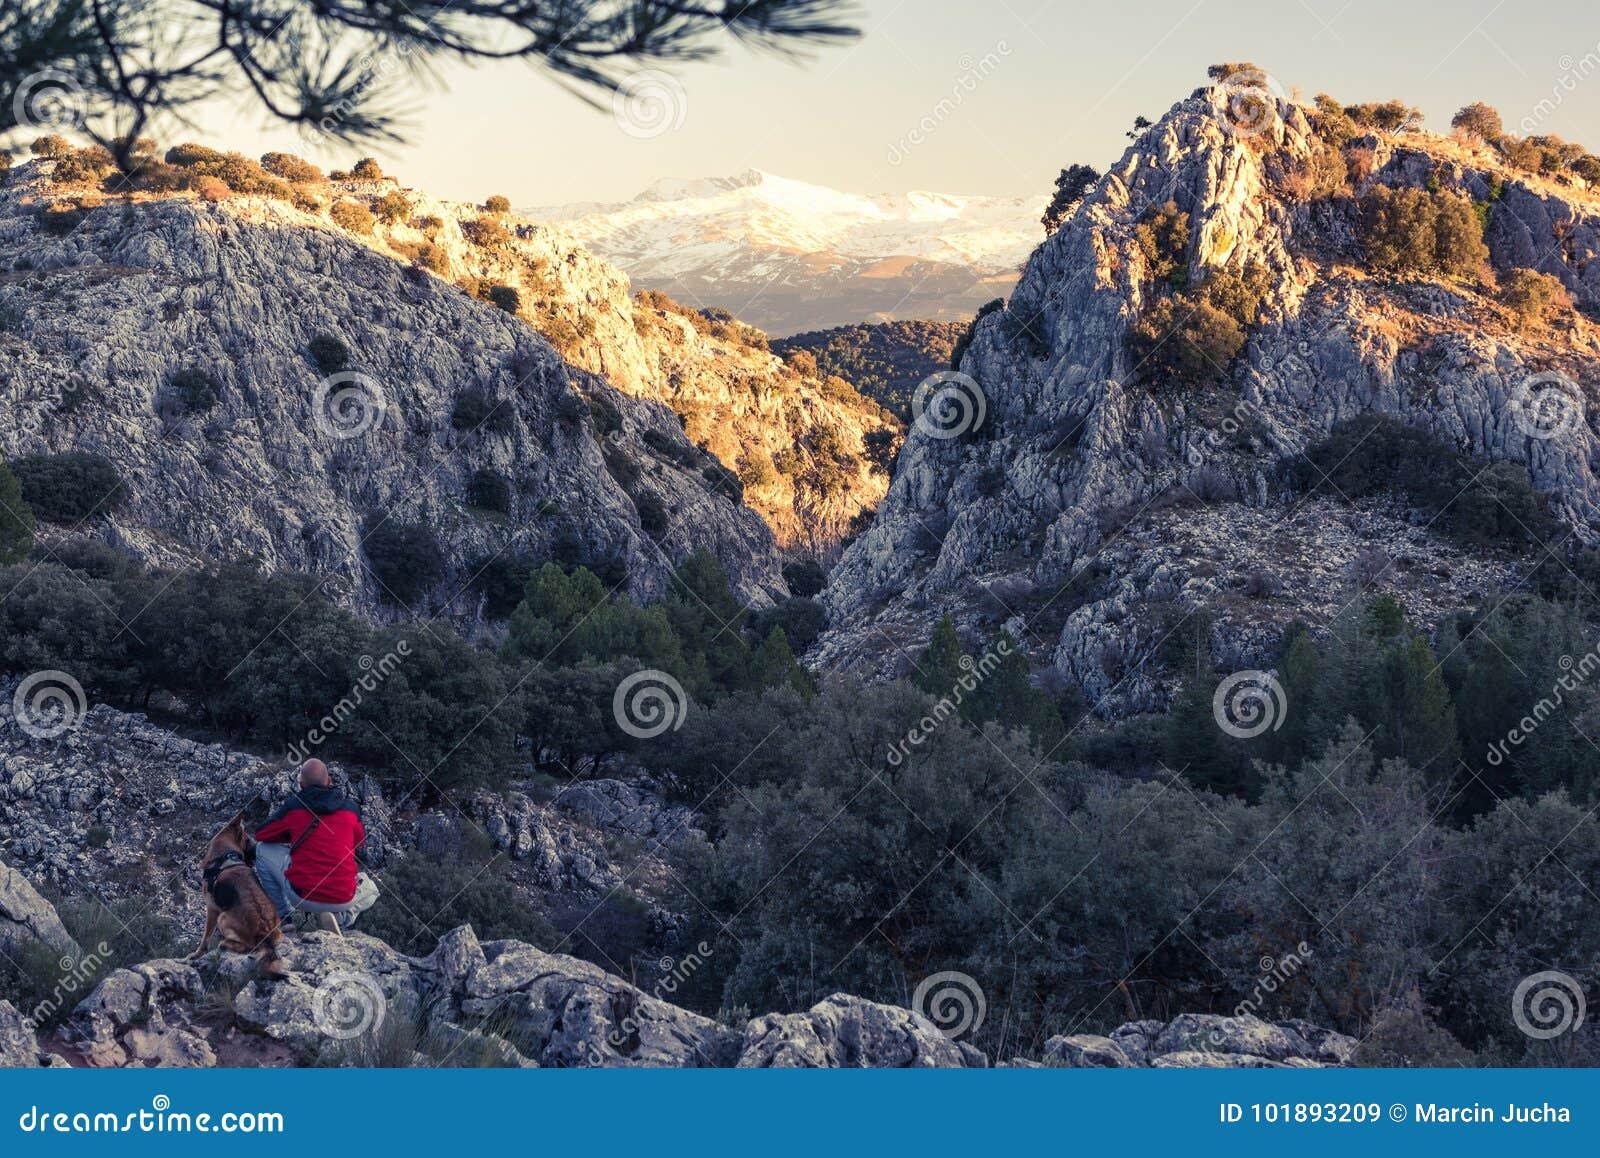 Hikker con il cane muggito in alte montagne